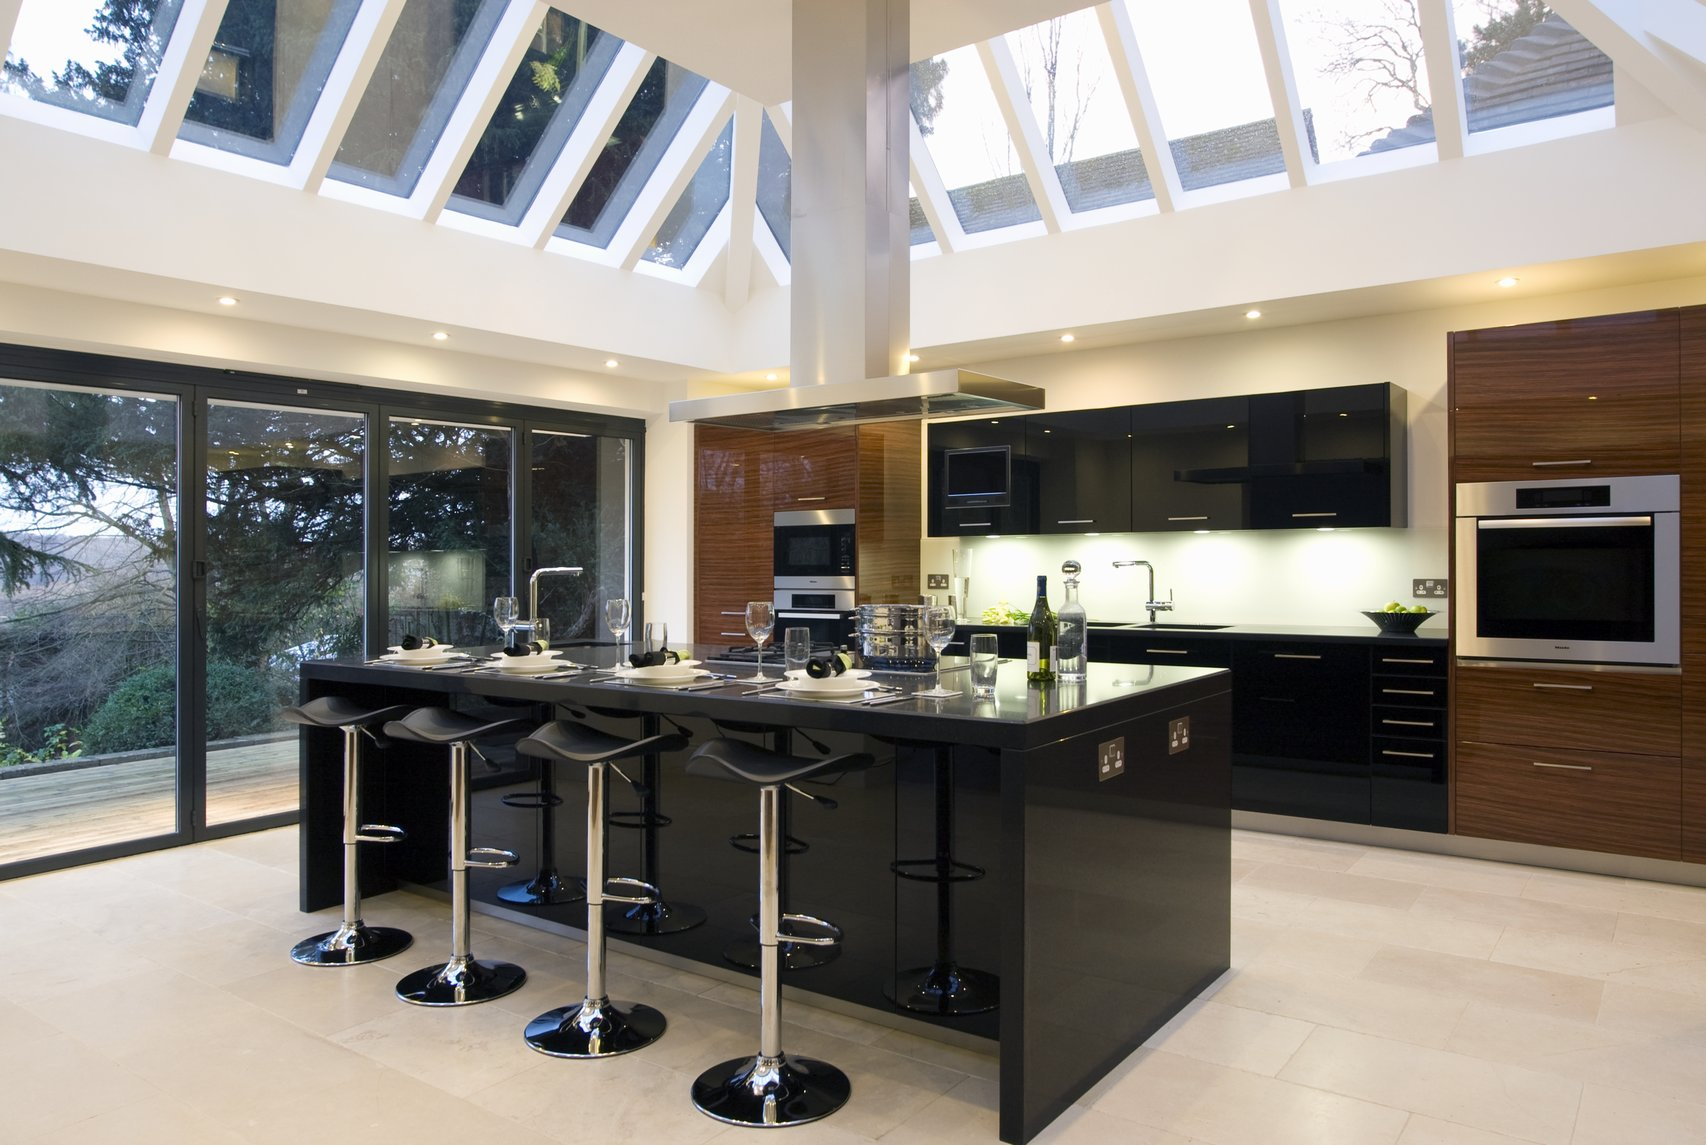 ������ ������� ����� ������ 2015 kitchen-cabinet-design-tool-109.jpg